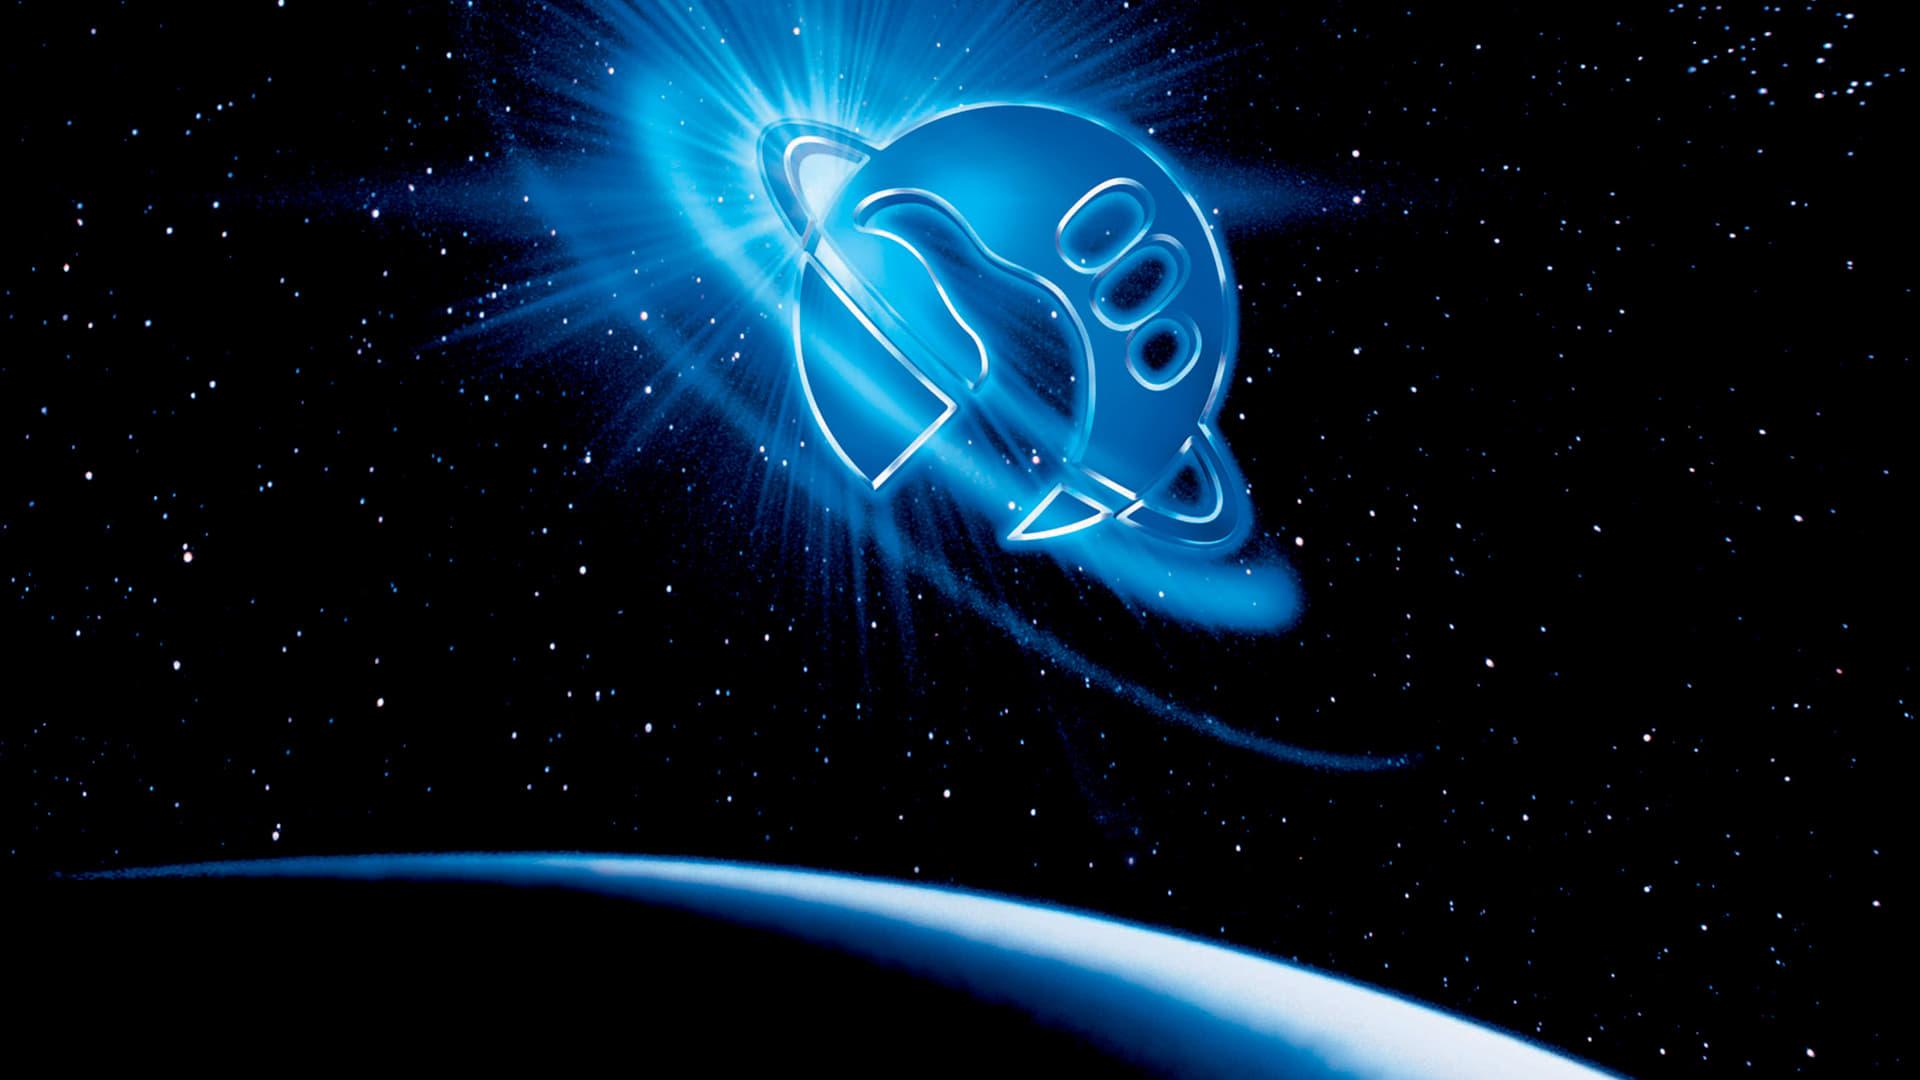 H2G2 : Le Guide du Voyageur Galactique (2005)